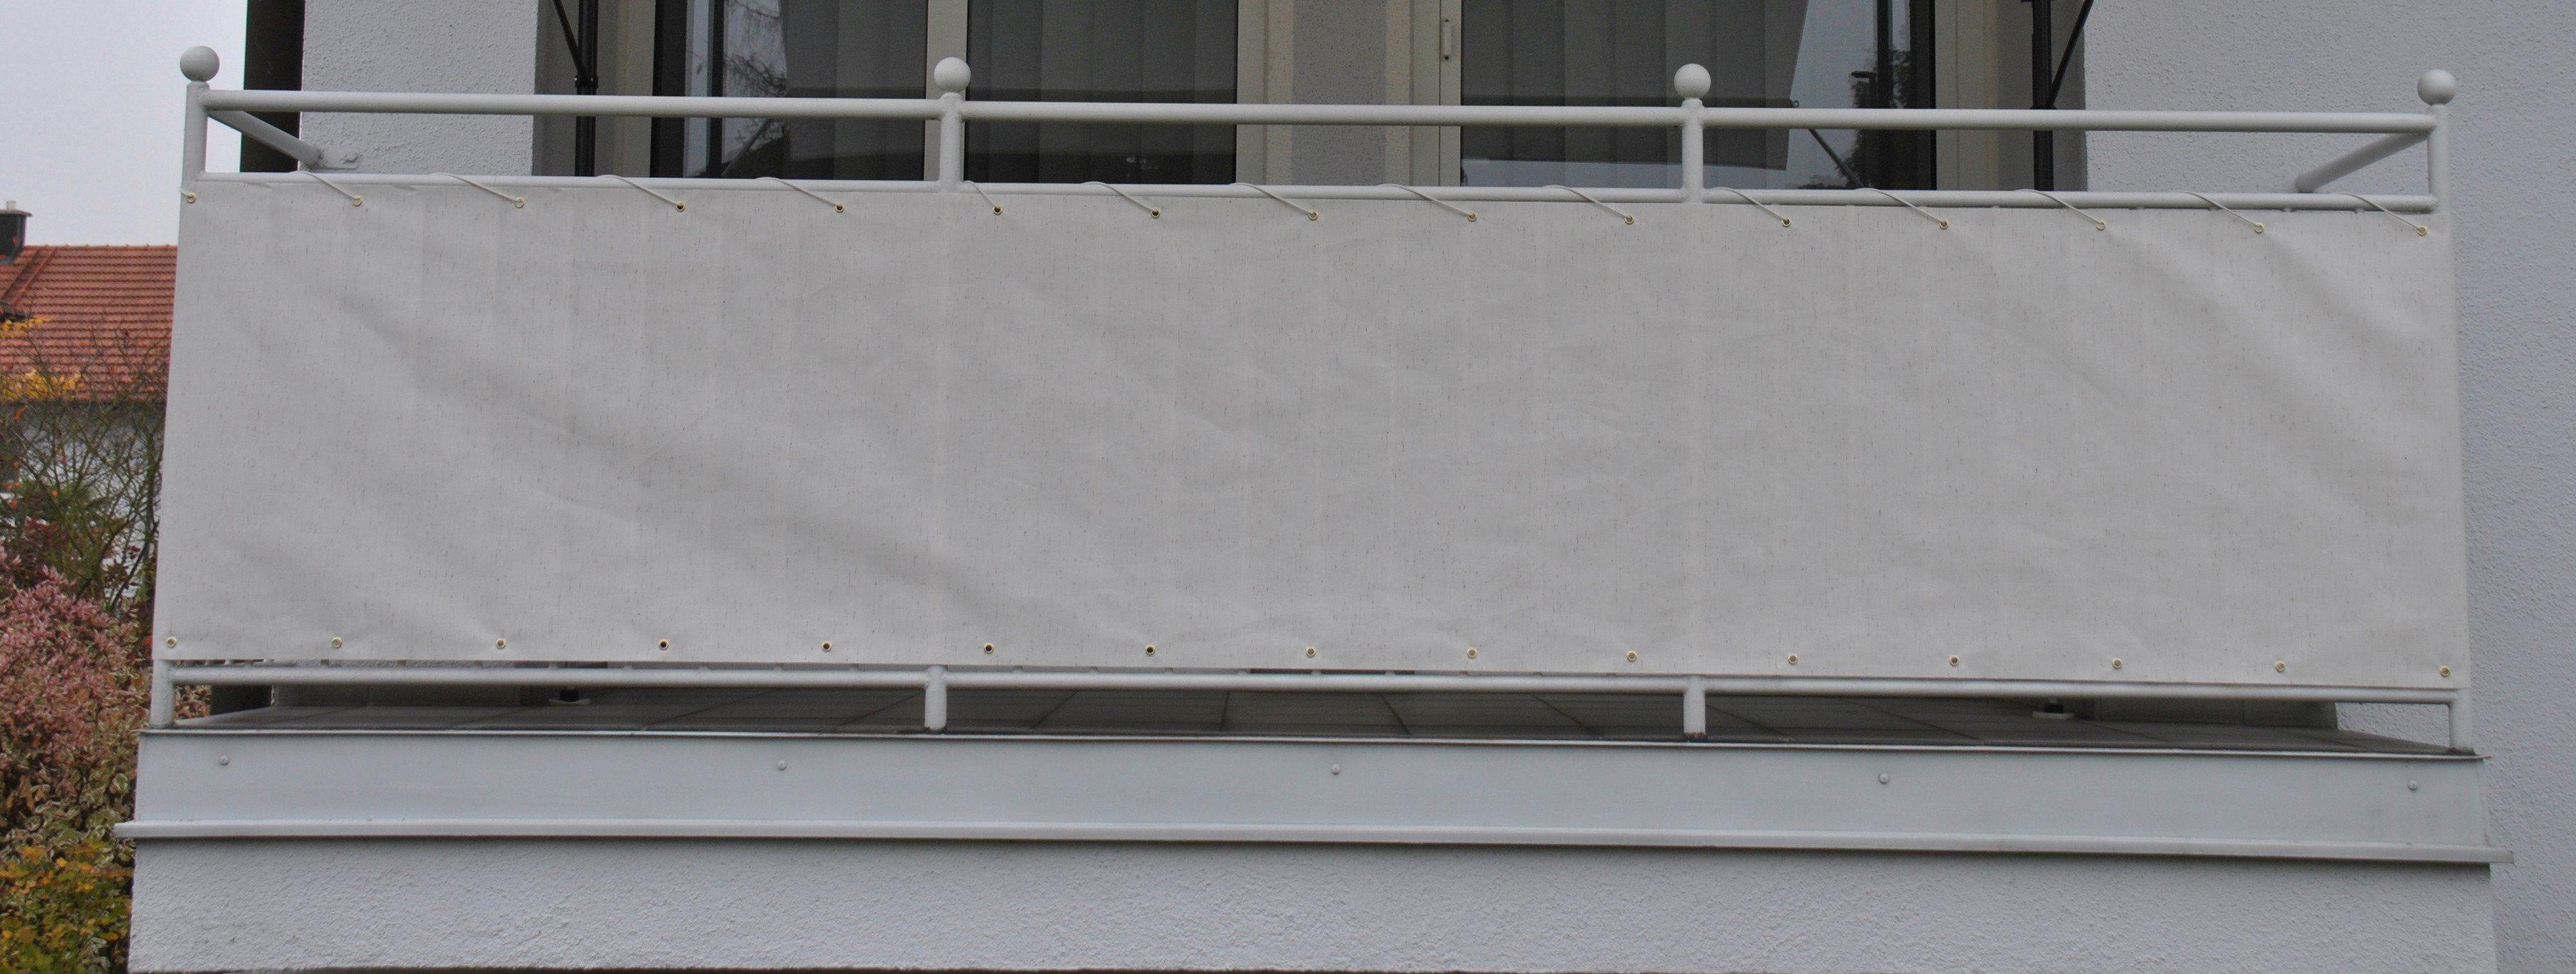 Sichtschutz Balkon Windschutz Balkonbespannung 500x90cm Gelb//Weiß